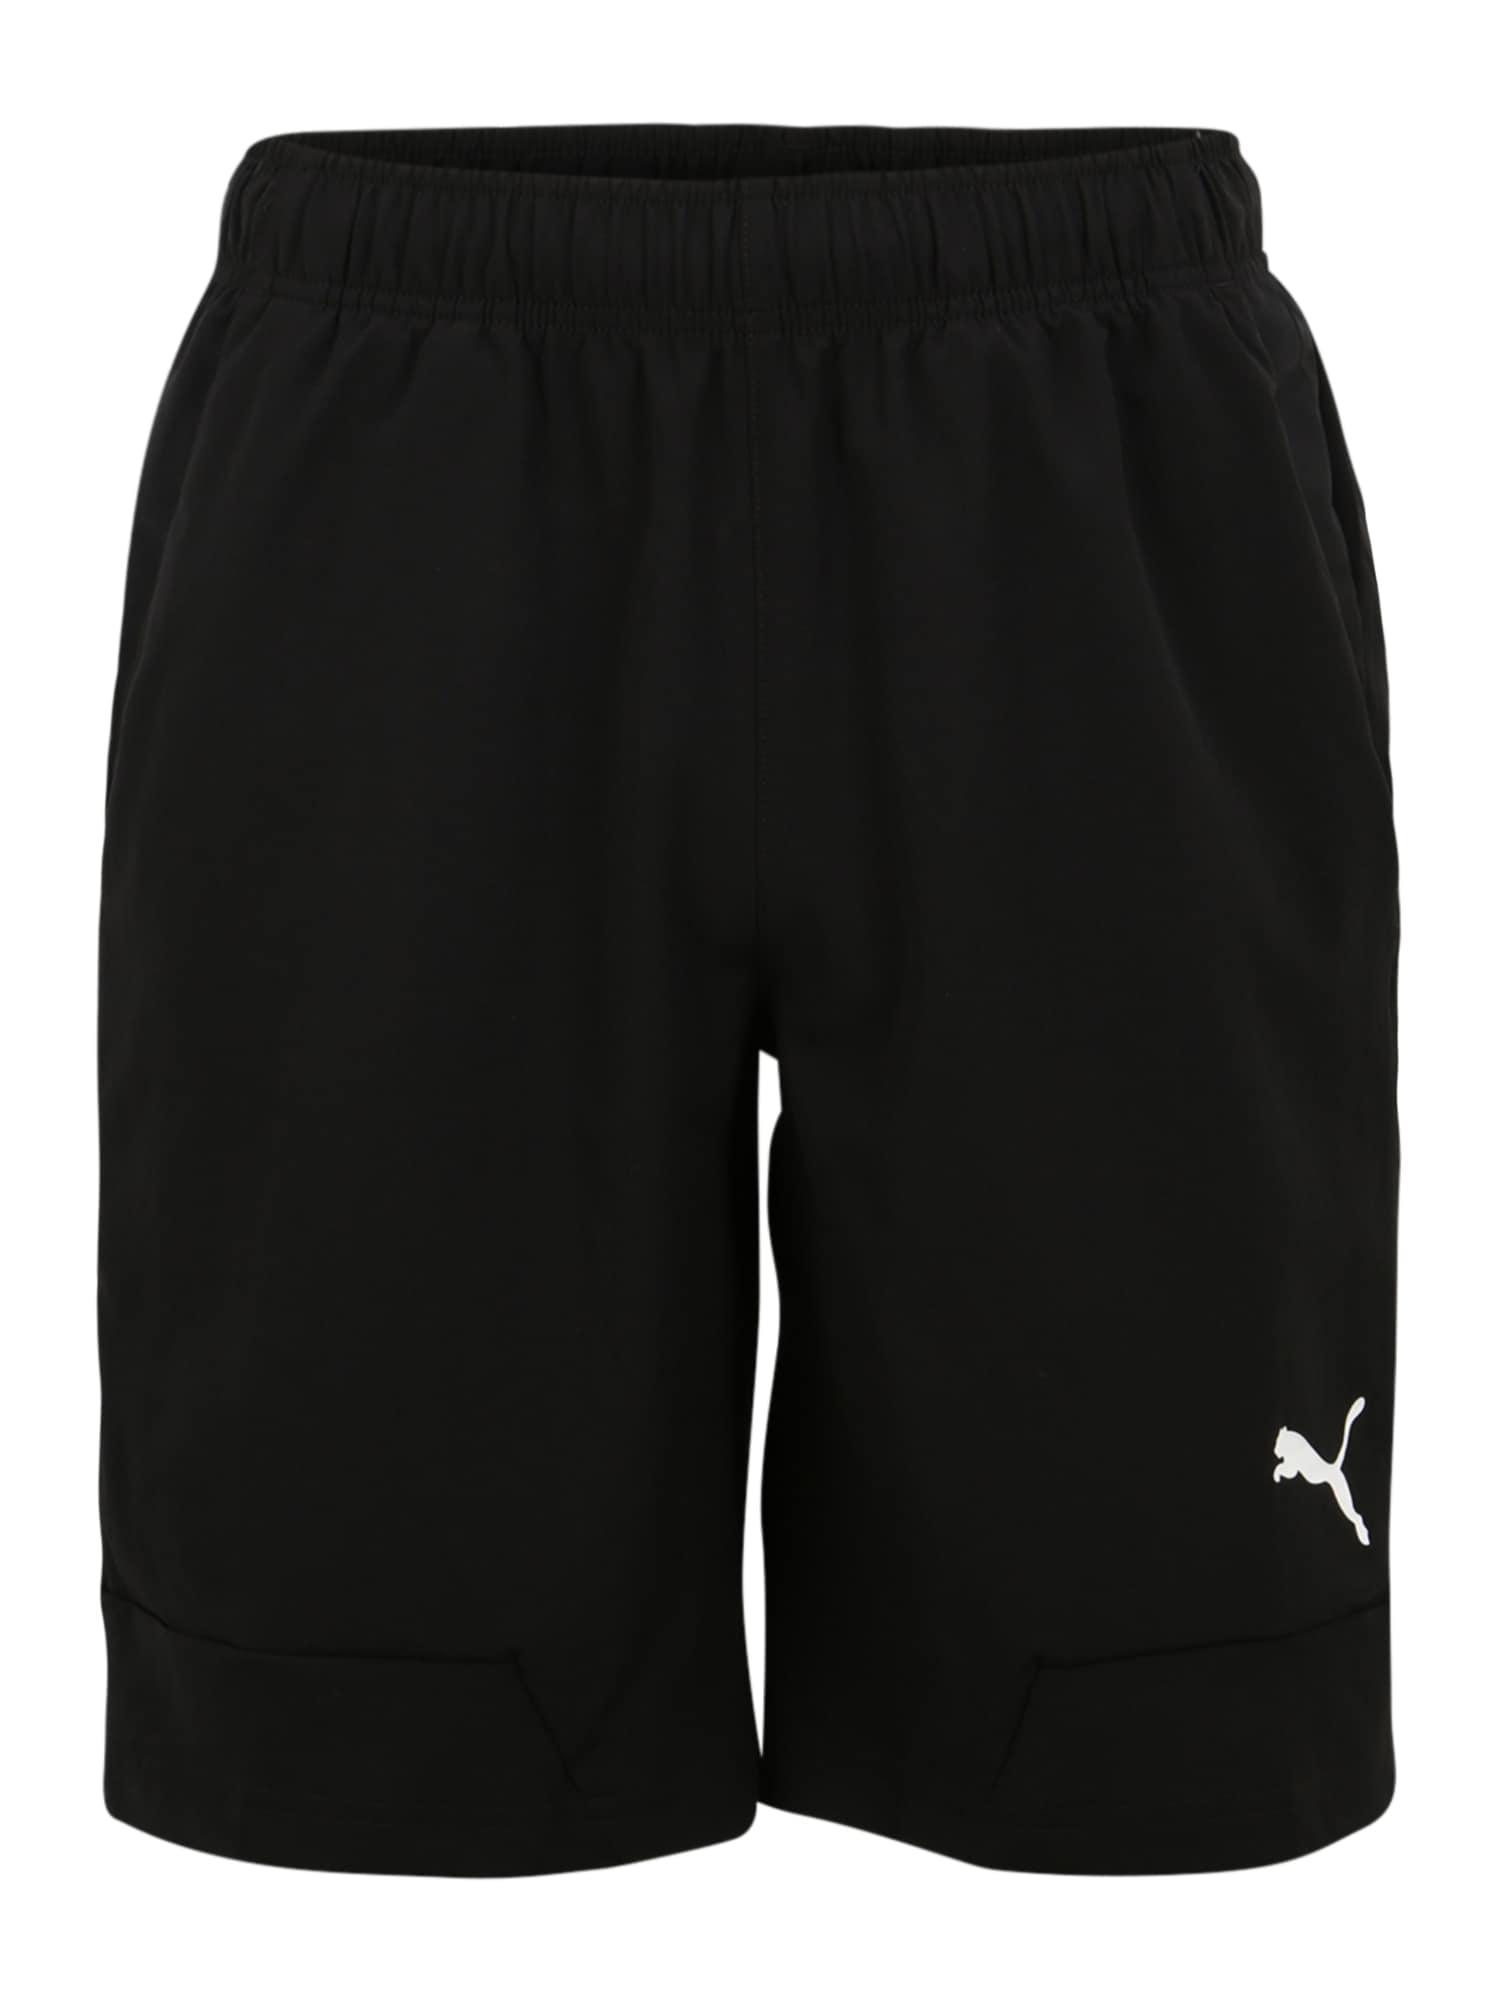 PUMA Sportinės kelnės 'RTG Woven' juoda